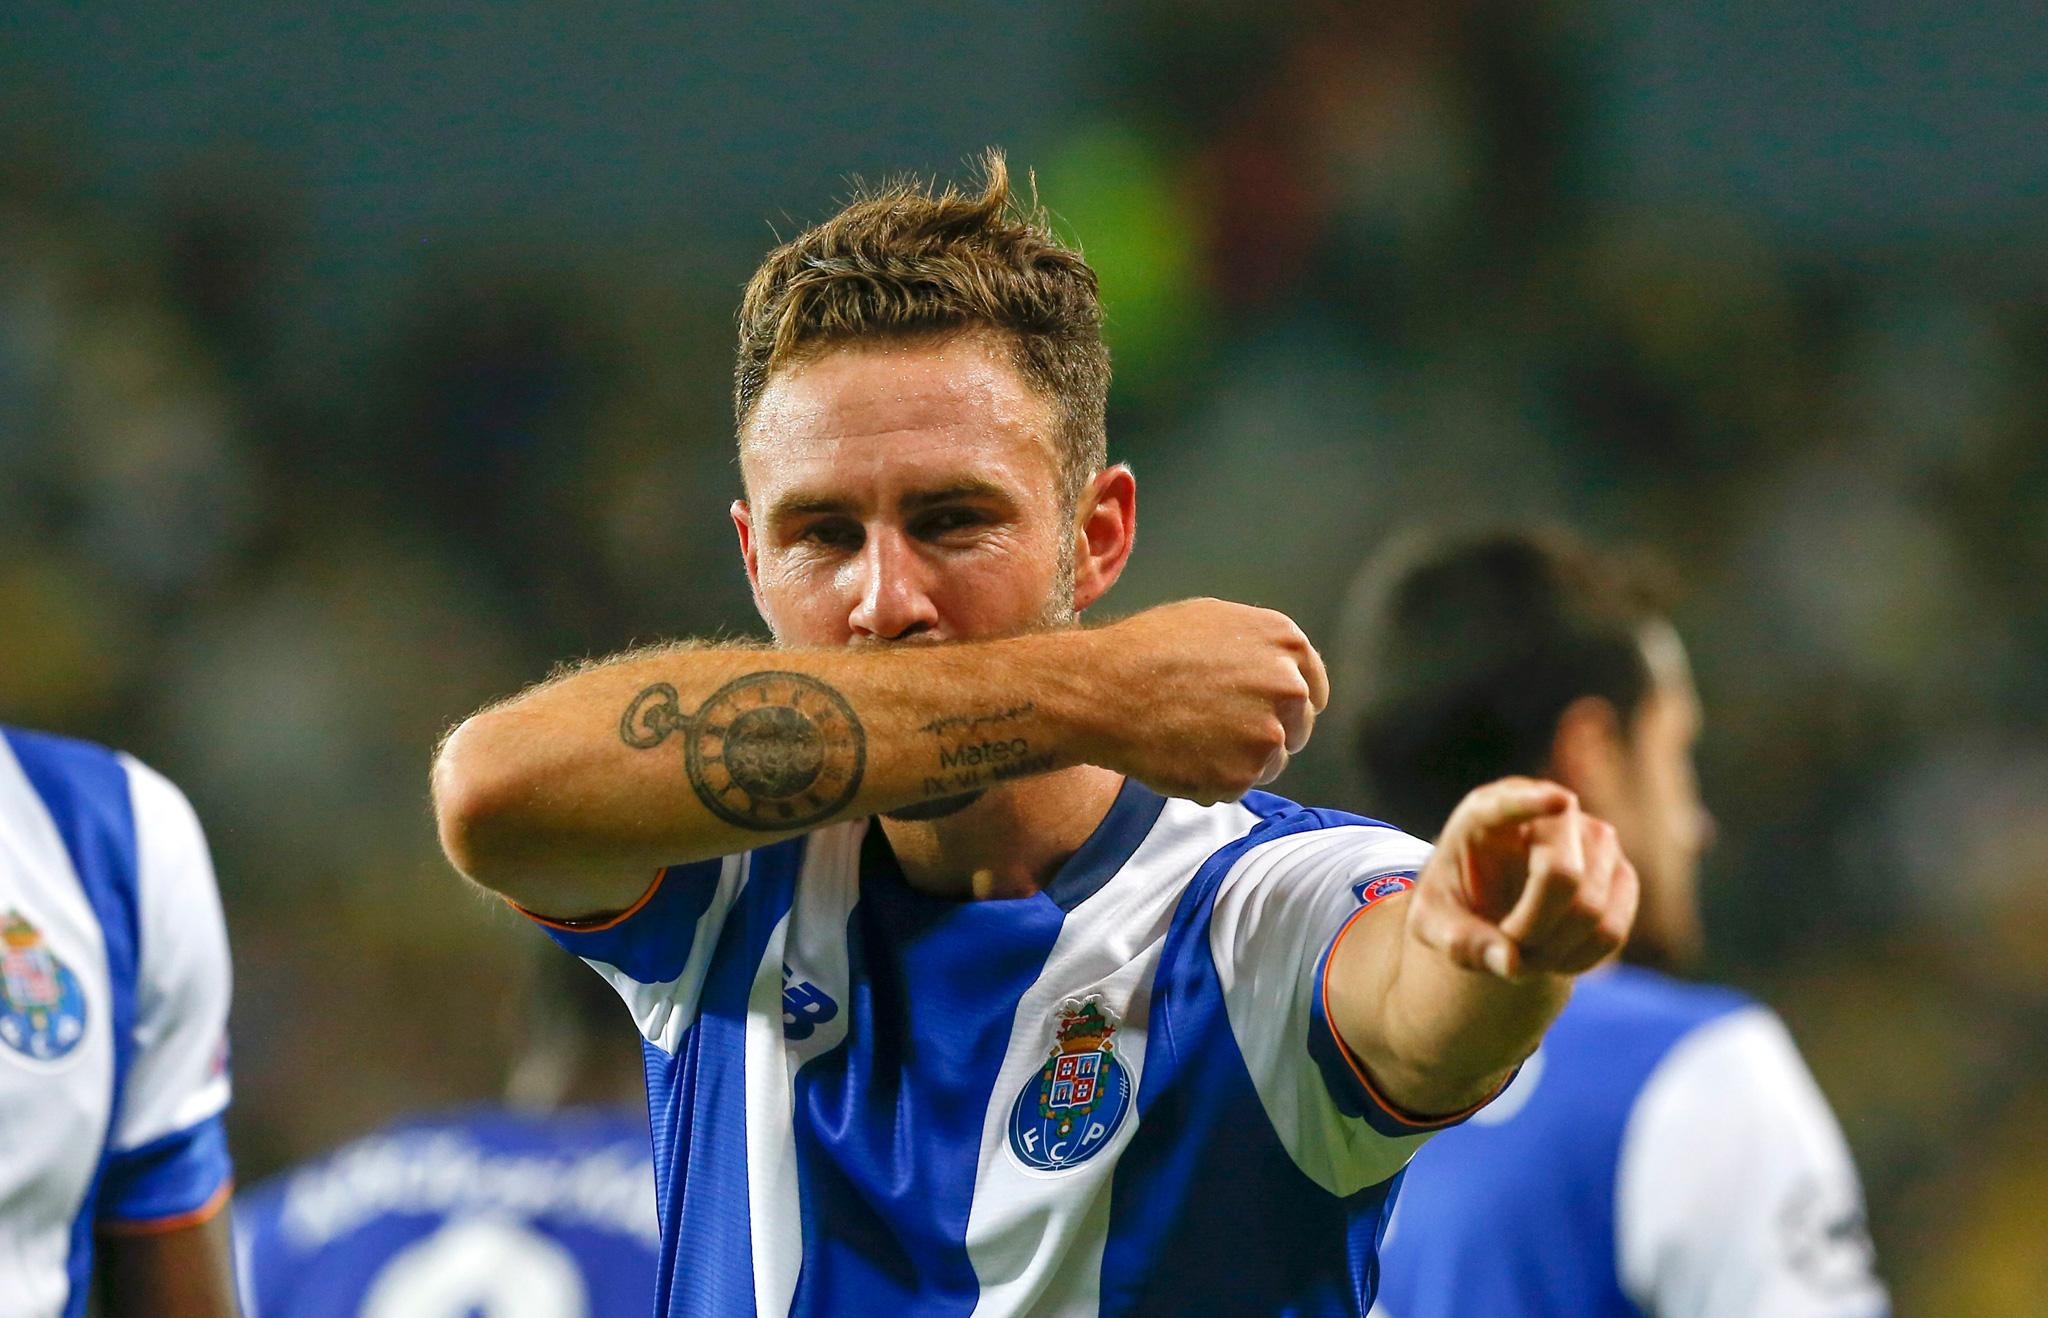 Miguel Layún, reportero, mentada de madre, Porto, Estadio Chivas, chiflido, respuesta, twitter